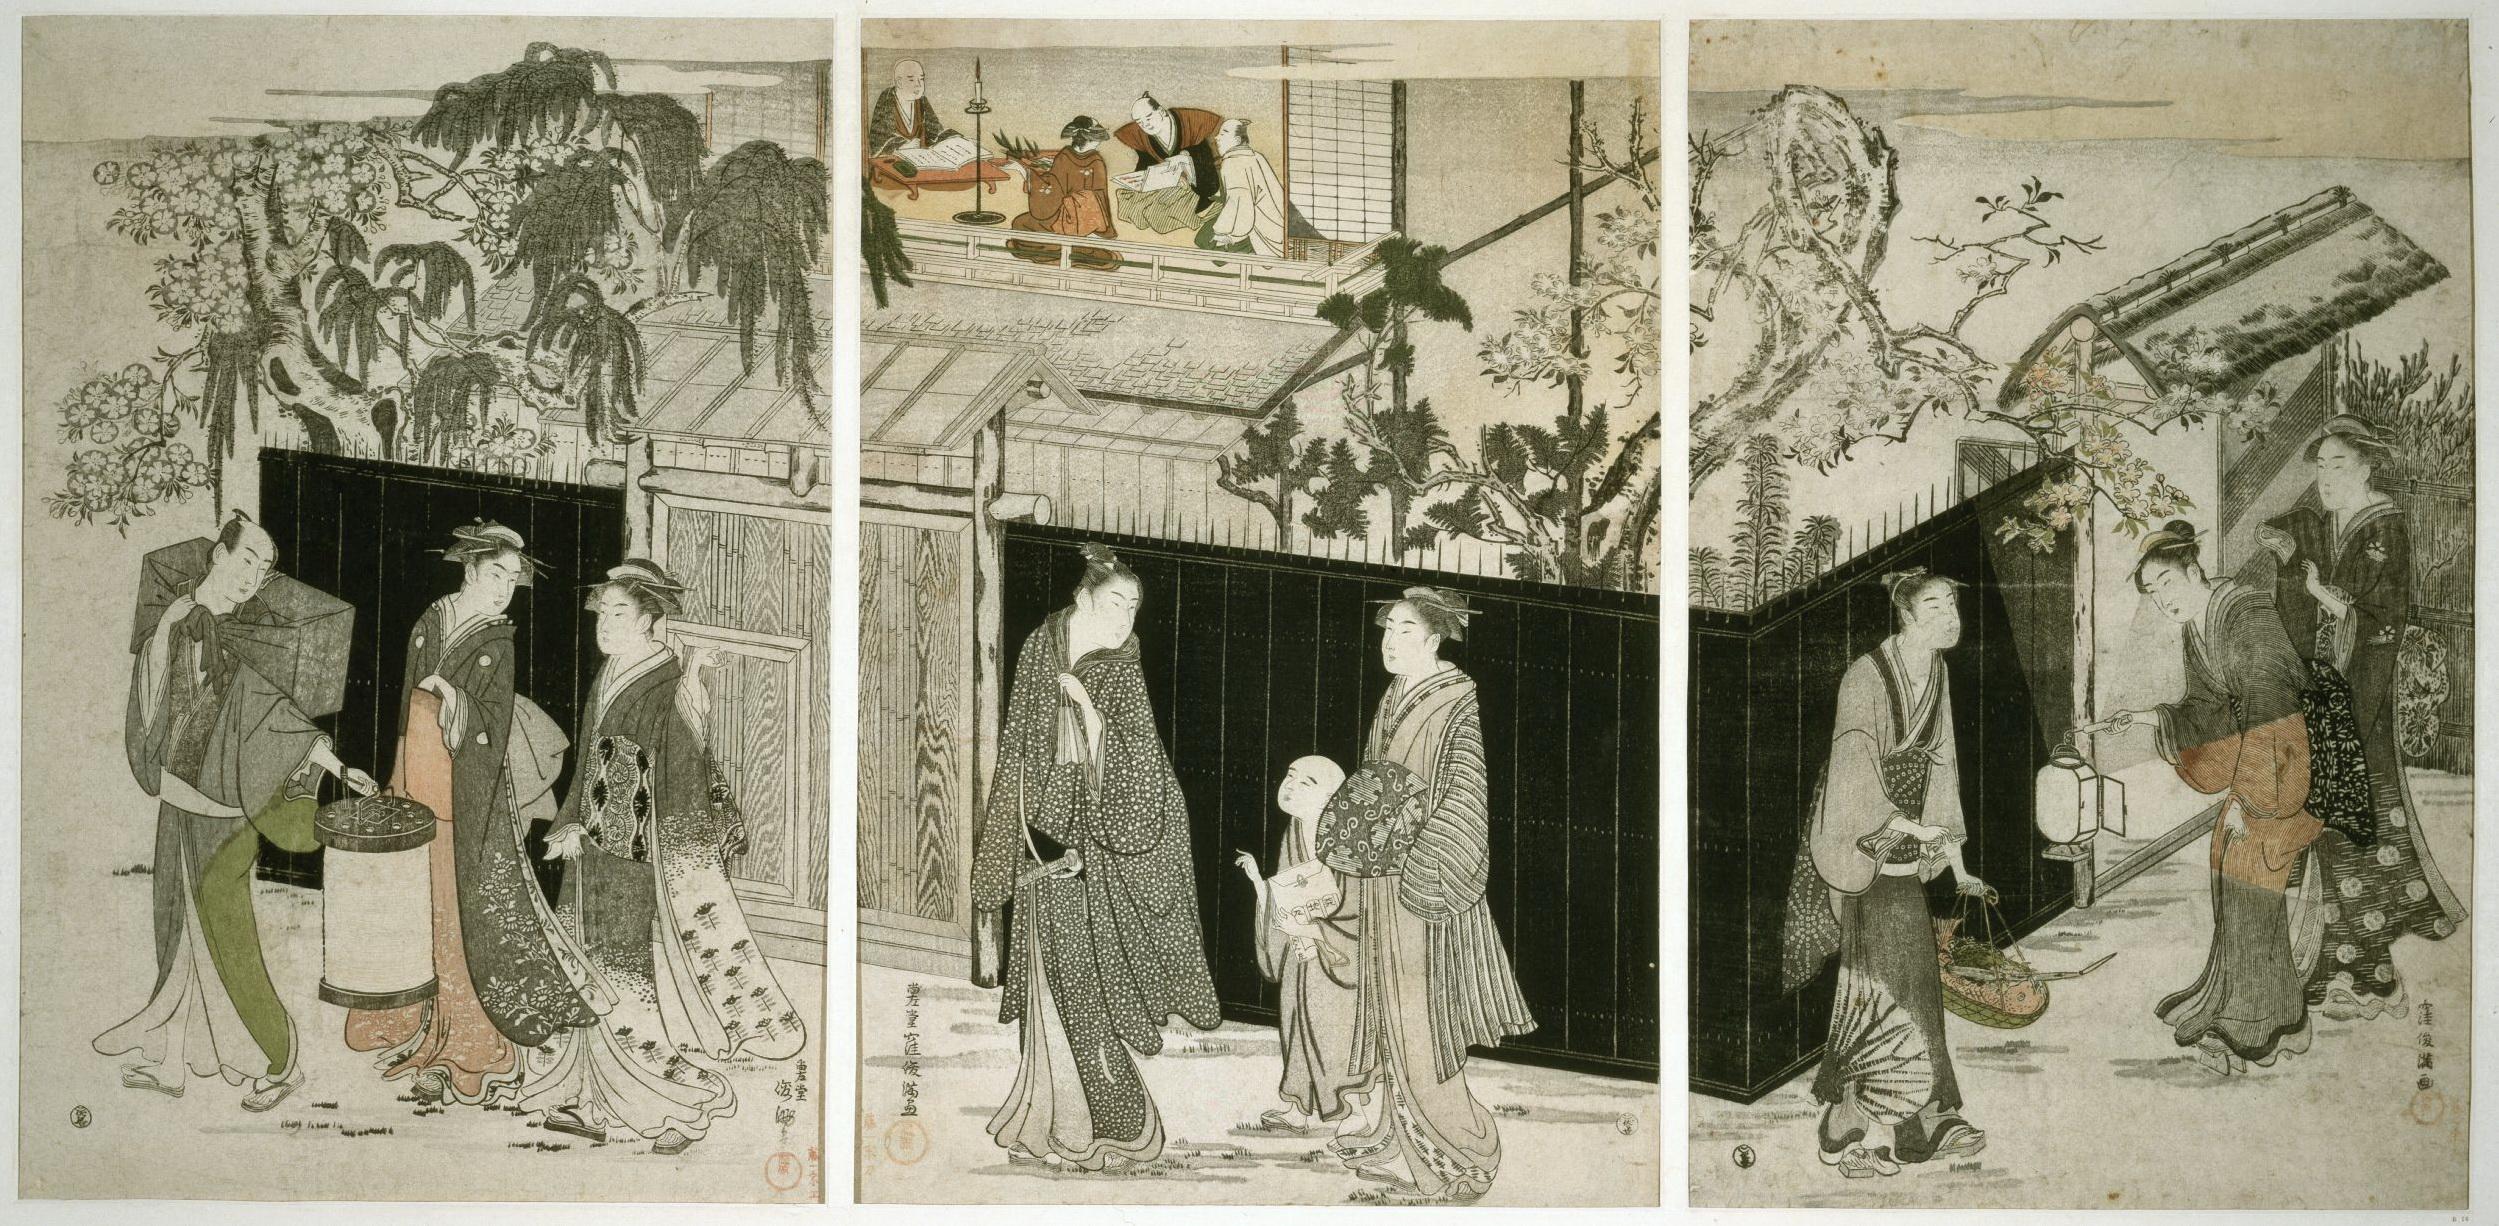 Триптих Собрание поэтов в ночное время_1787-1788_375х255 каждый лист